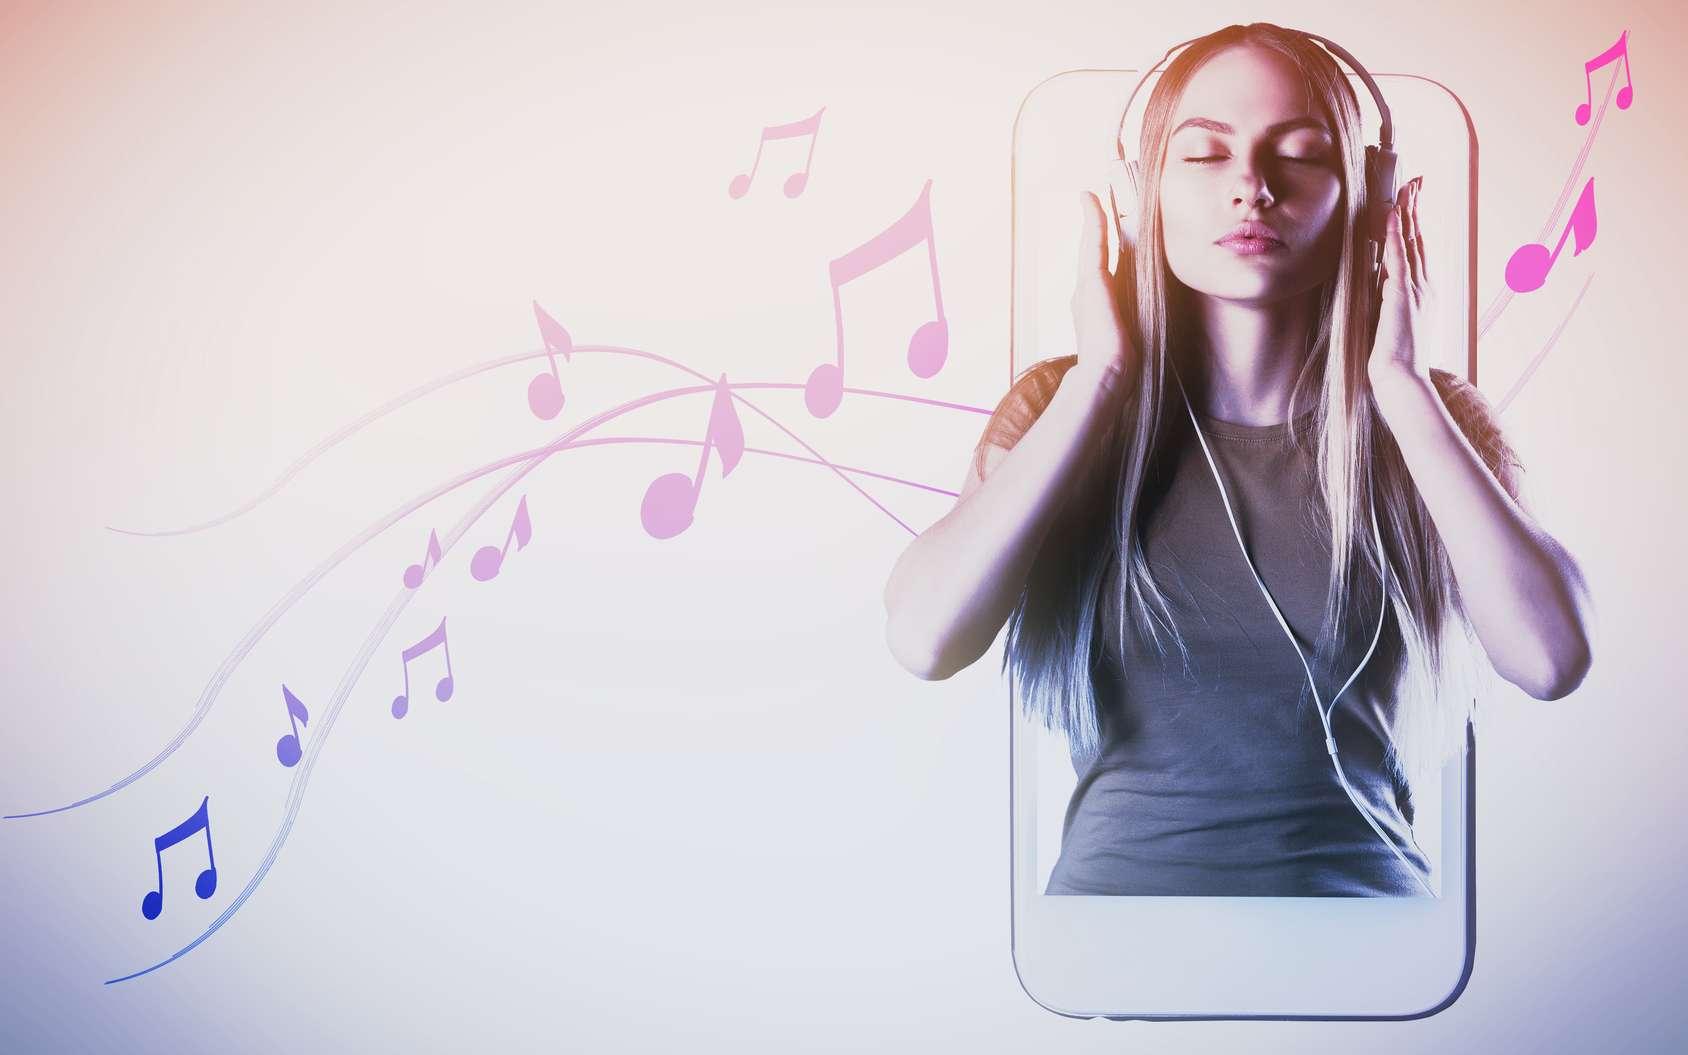 La musique générative compose des suites de sons à partir d'un ensemble de données. © peshkova, Fotolia